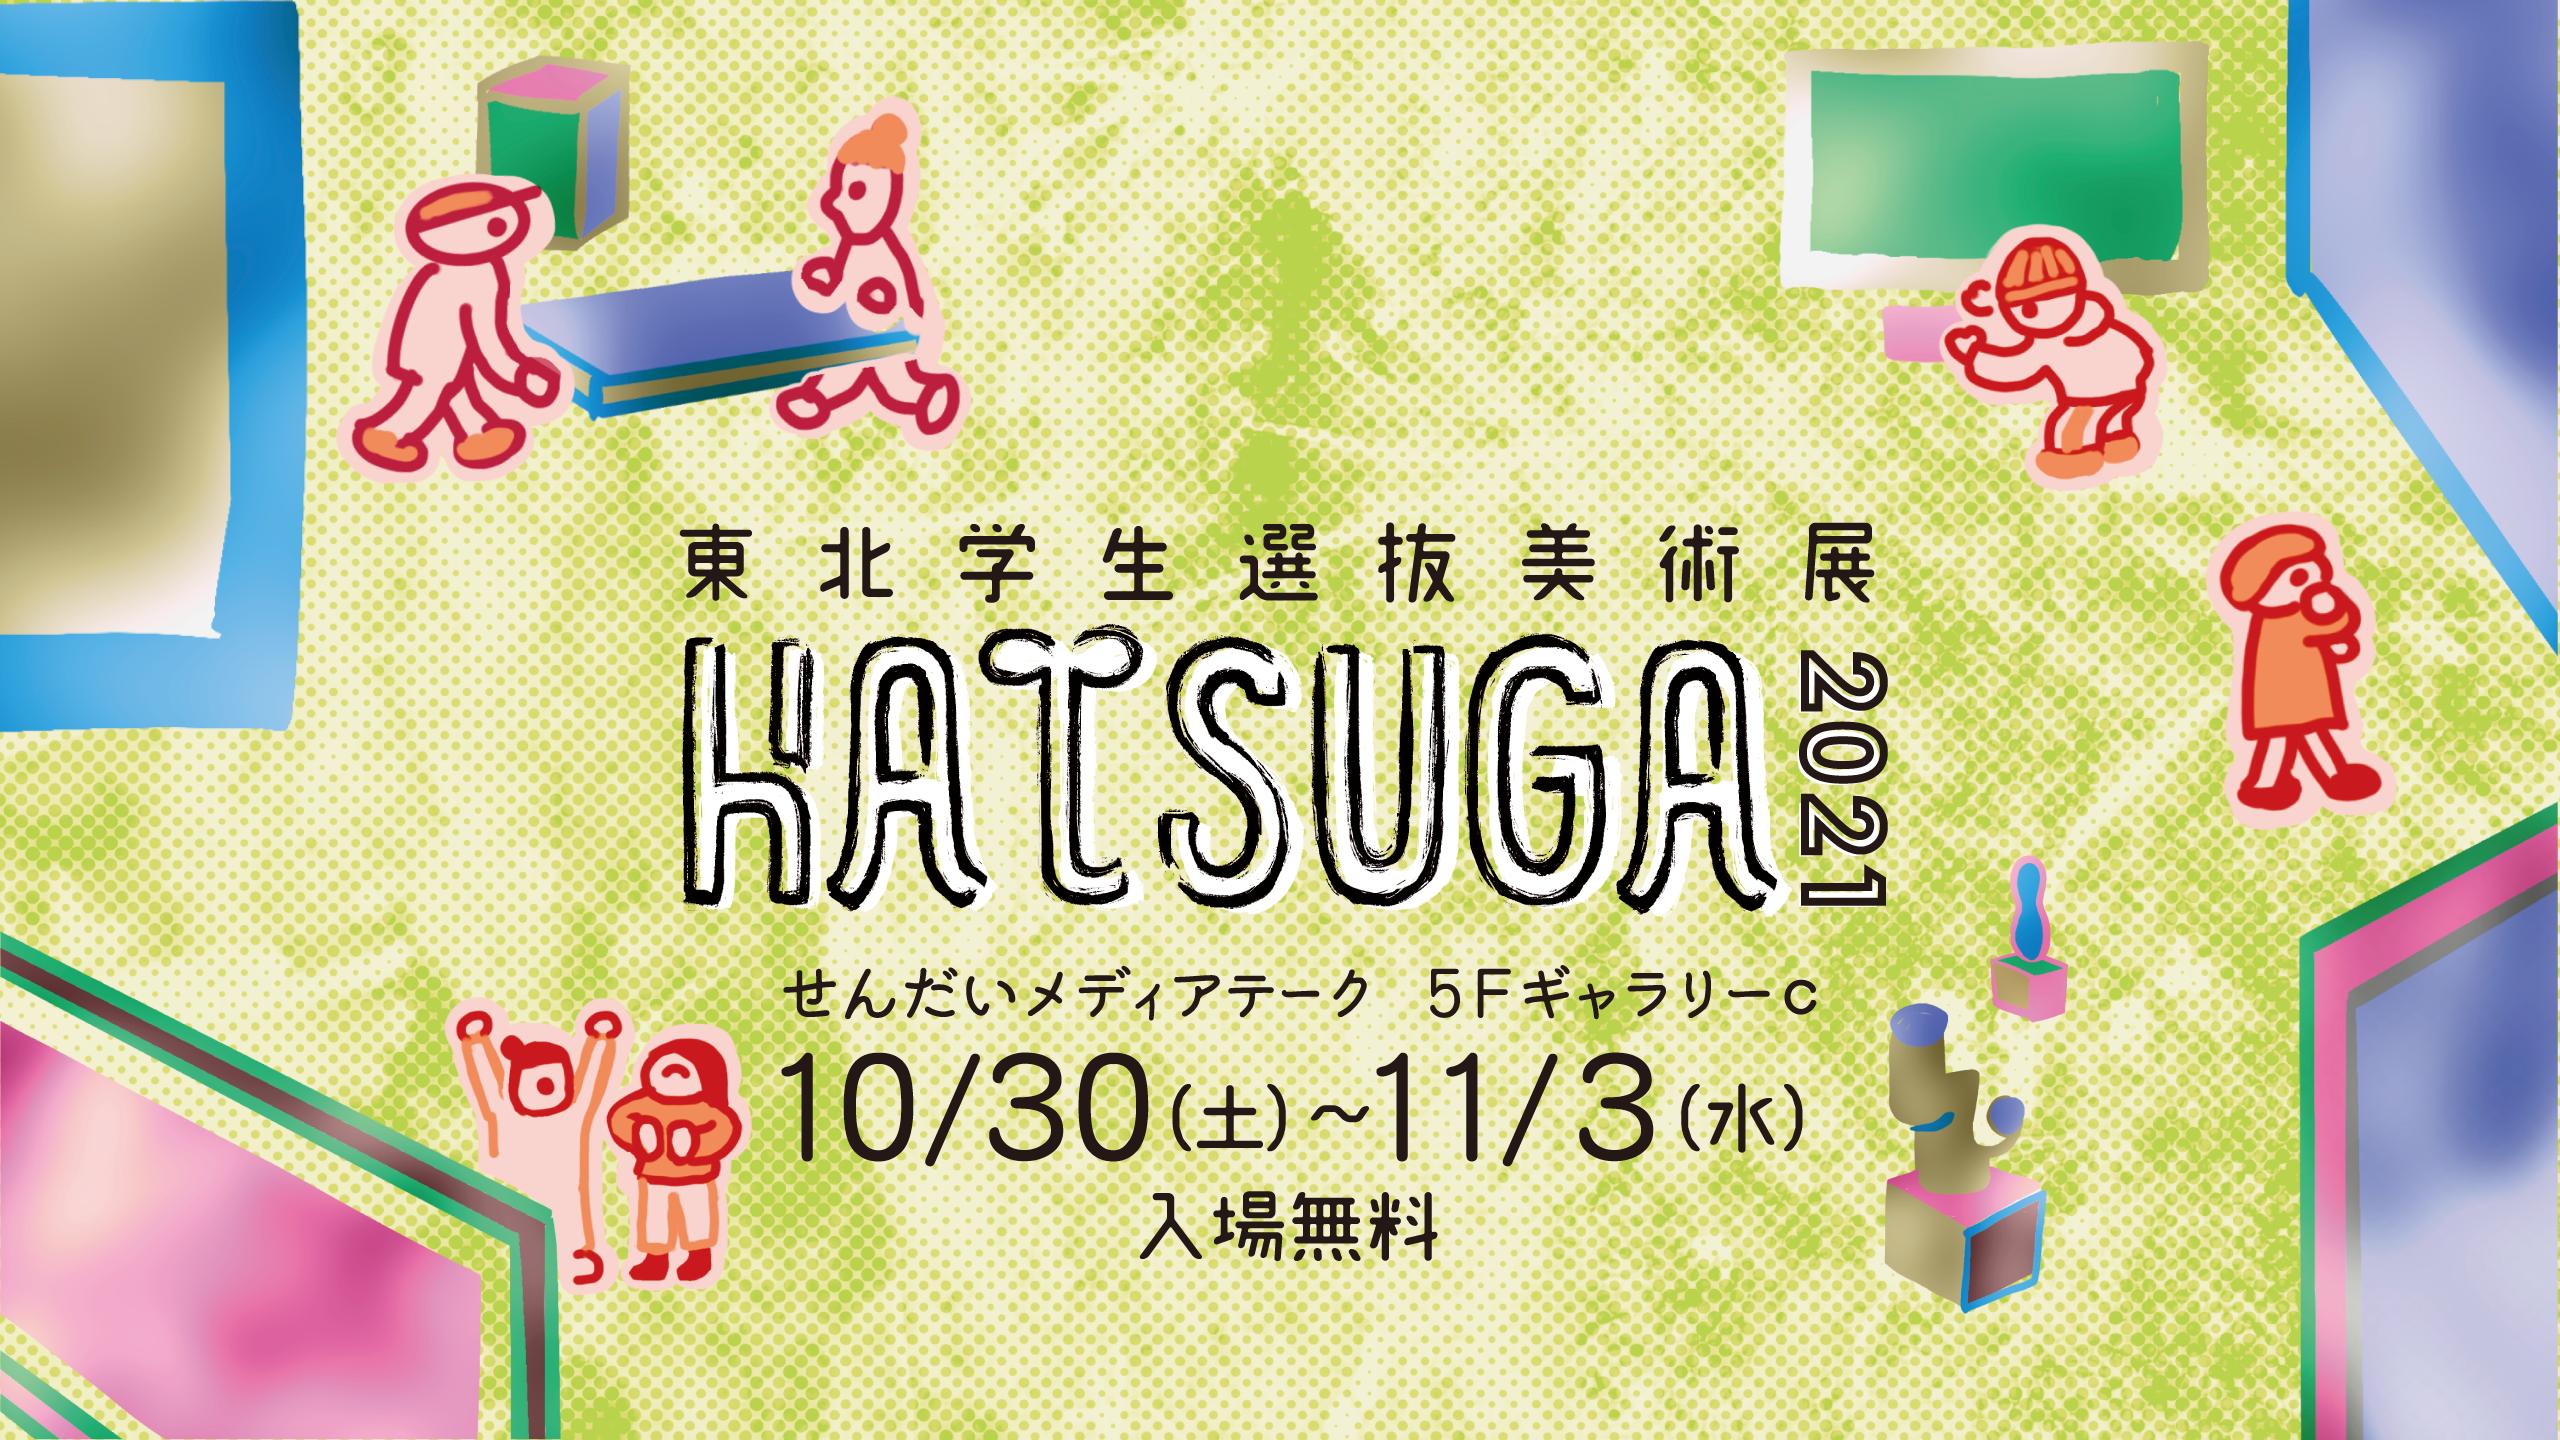 東北学生選抜美術展 HATSUGA 10/30〜11/3 入場無料